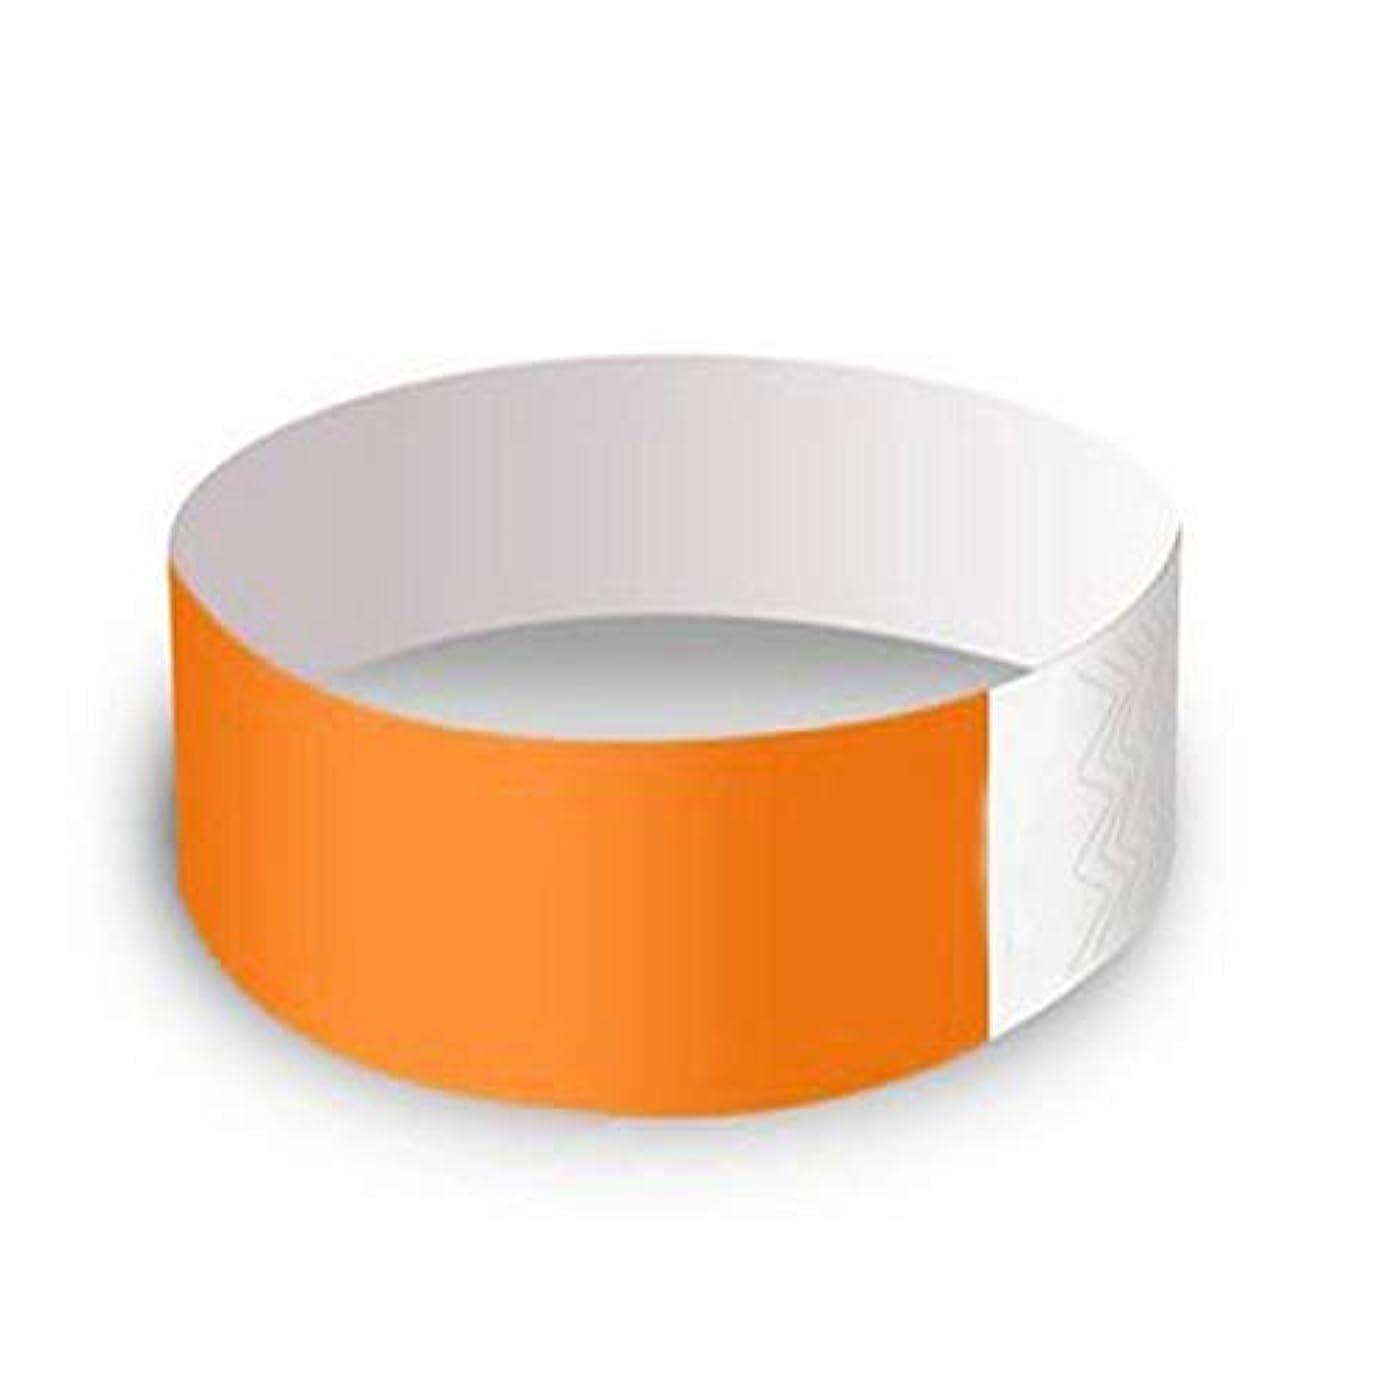 枯れる以降考えMilent 使い捨てリストバンド イベント用 無地 防水性 耐引裂性 19mm幅 蛍光 100本セット オレンジ